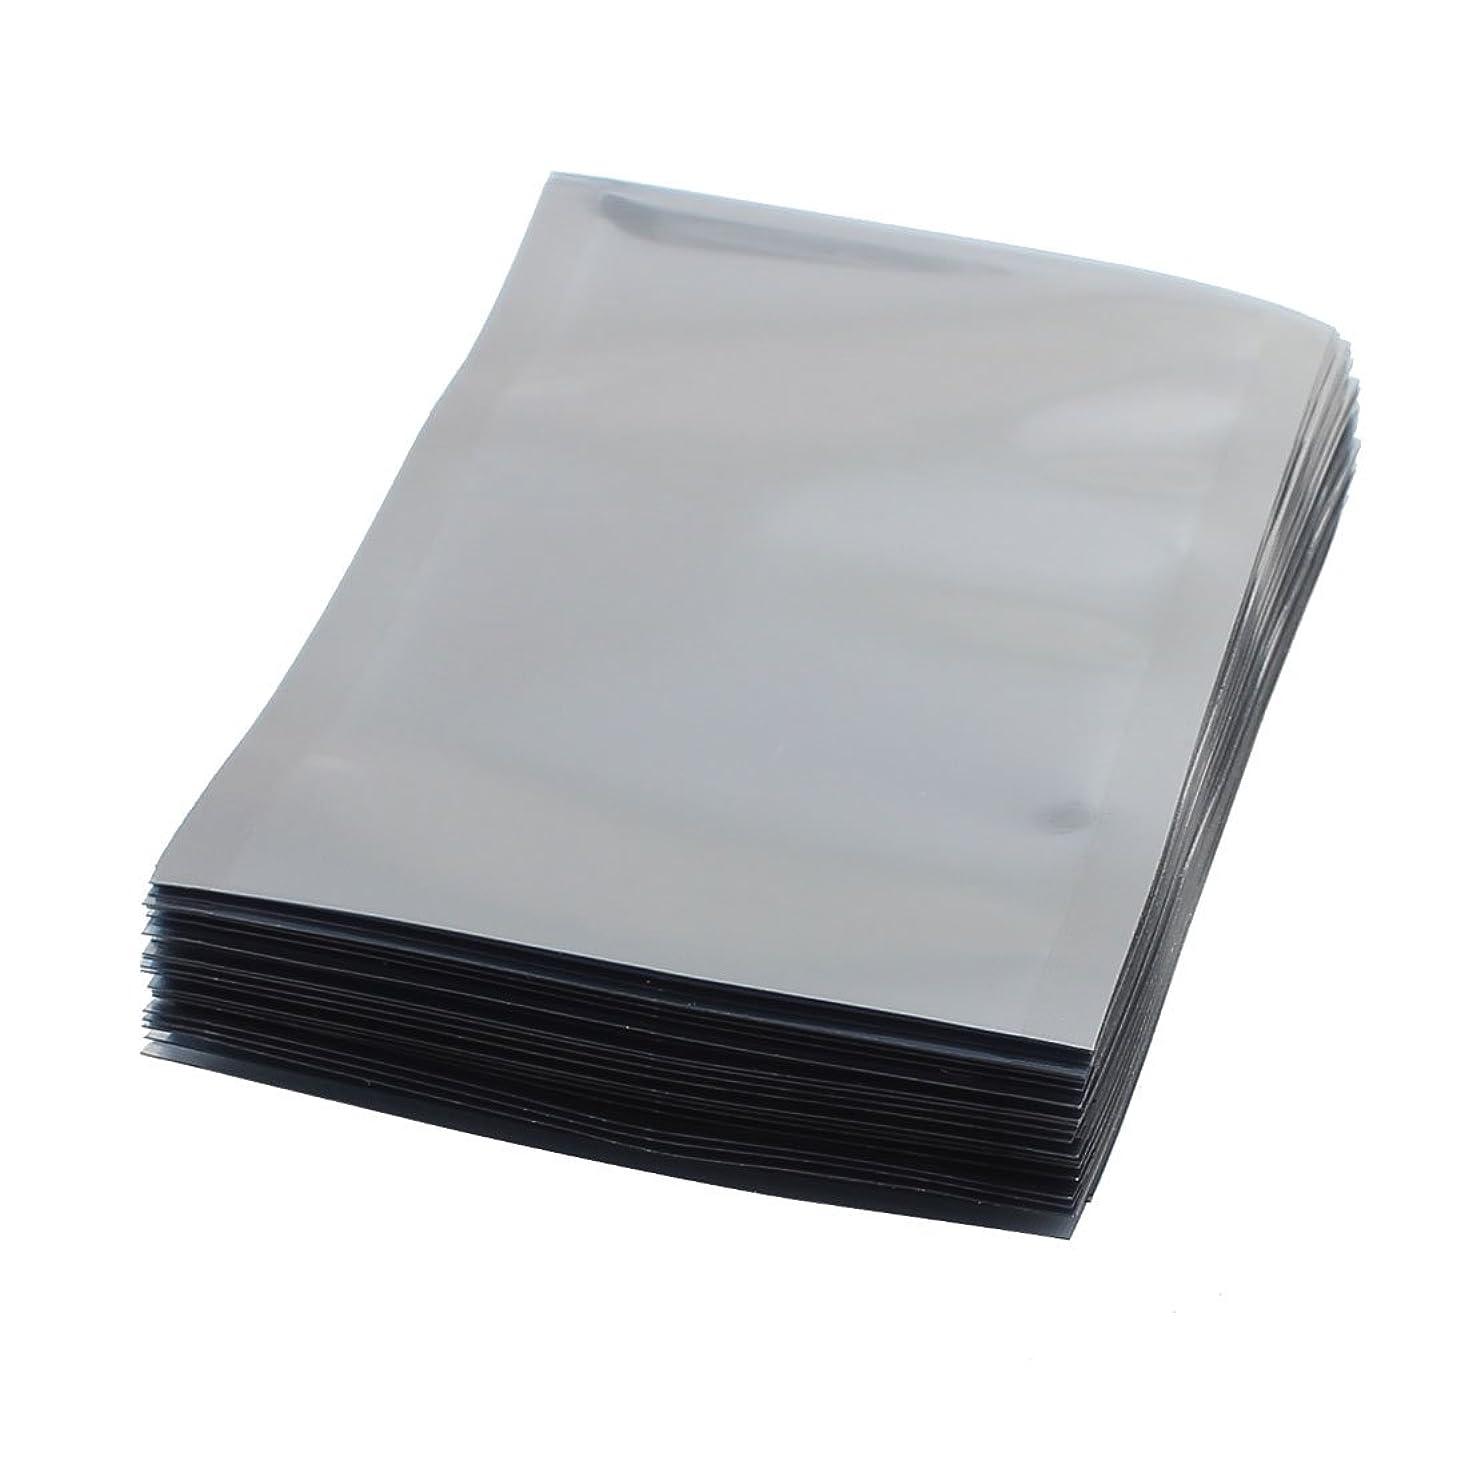 操る観察囲むuxcell 静電防止シールドバッグ 静電気防止袋 静電気防止バッグ 帯電防止袋 再シール可能 70mmx100mm SSD HDD 電気設備 ポリエステル 200個入り